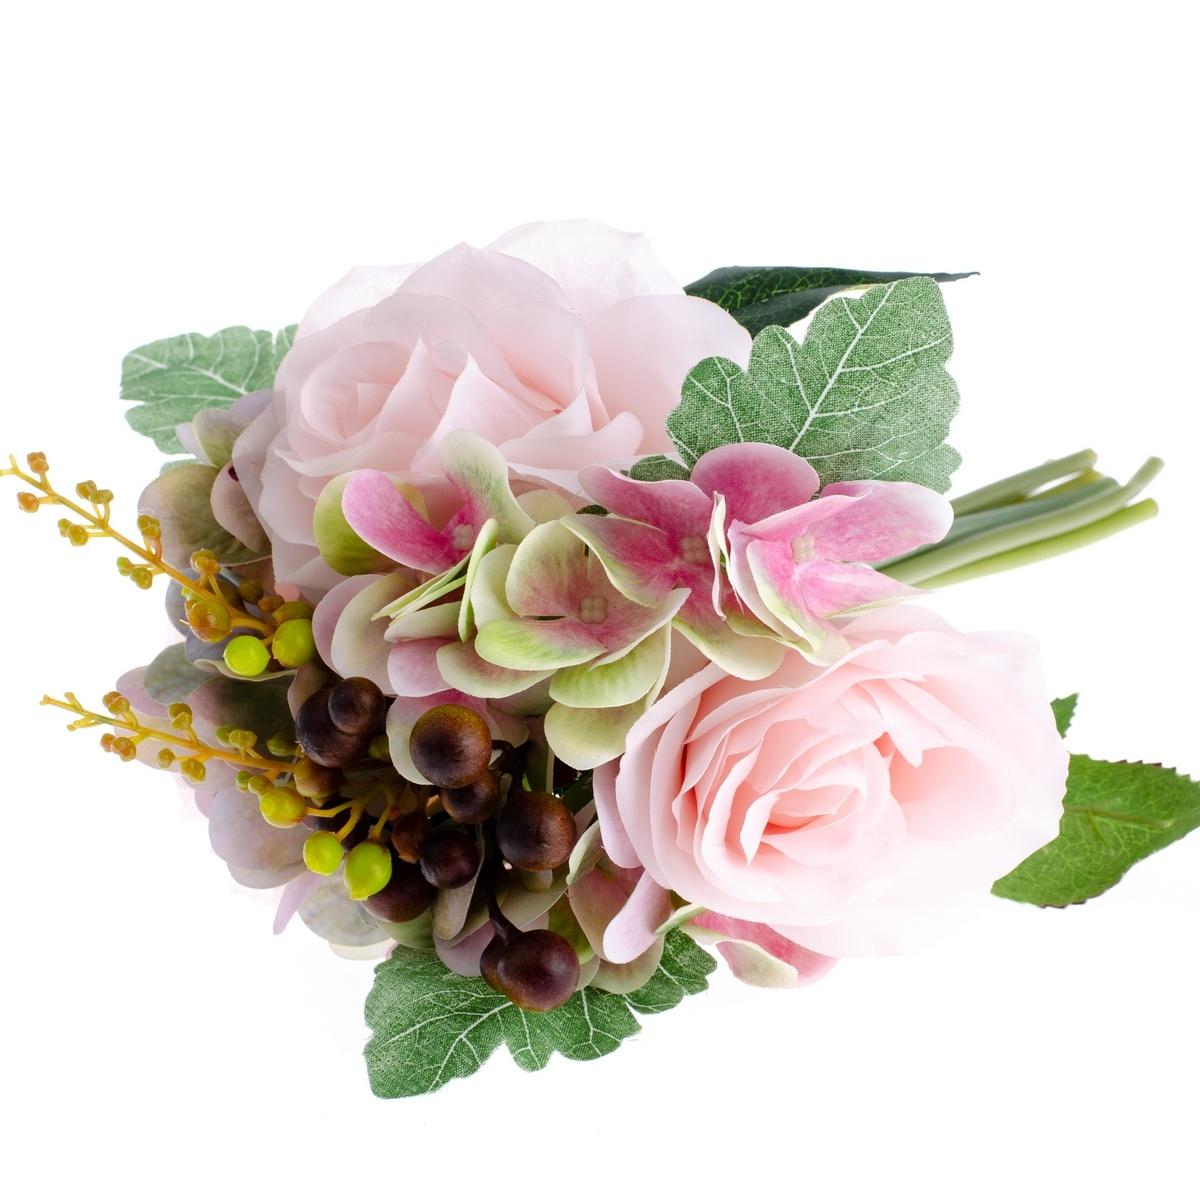 Umělá kytice Růže s hortenzií světle růžová, 30 cm